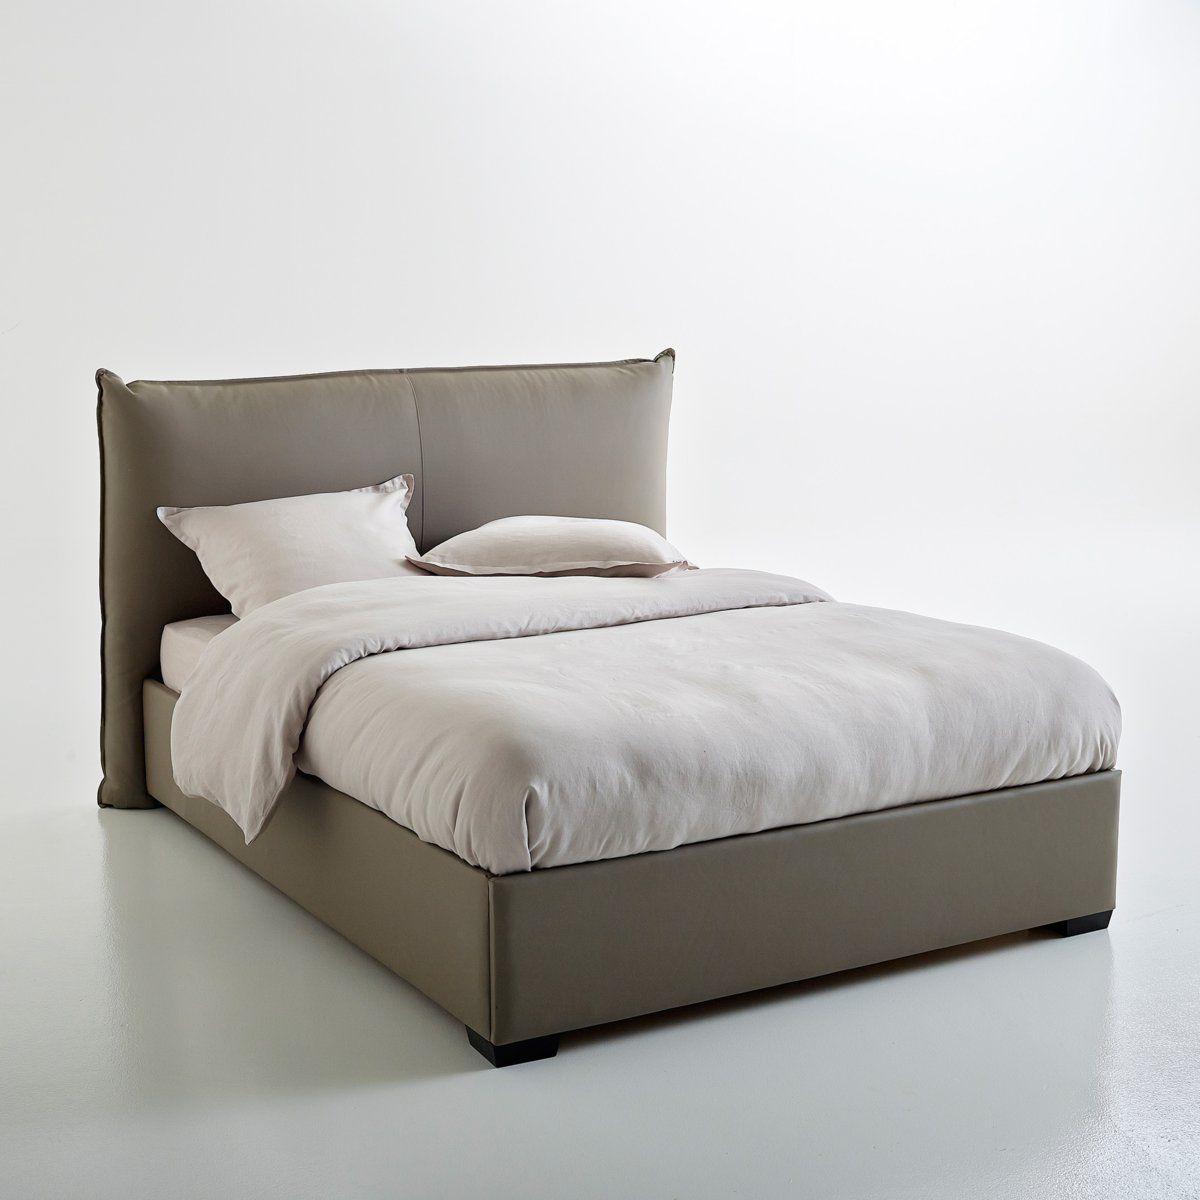 Lit Coffre Avec Sommier Relevable Pancho кровати